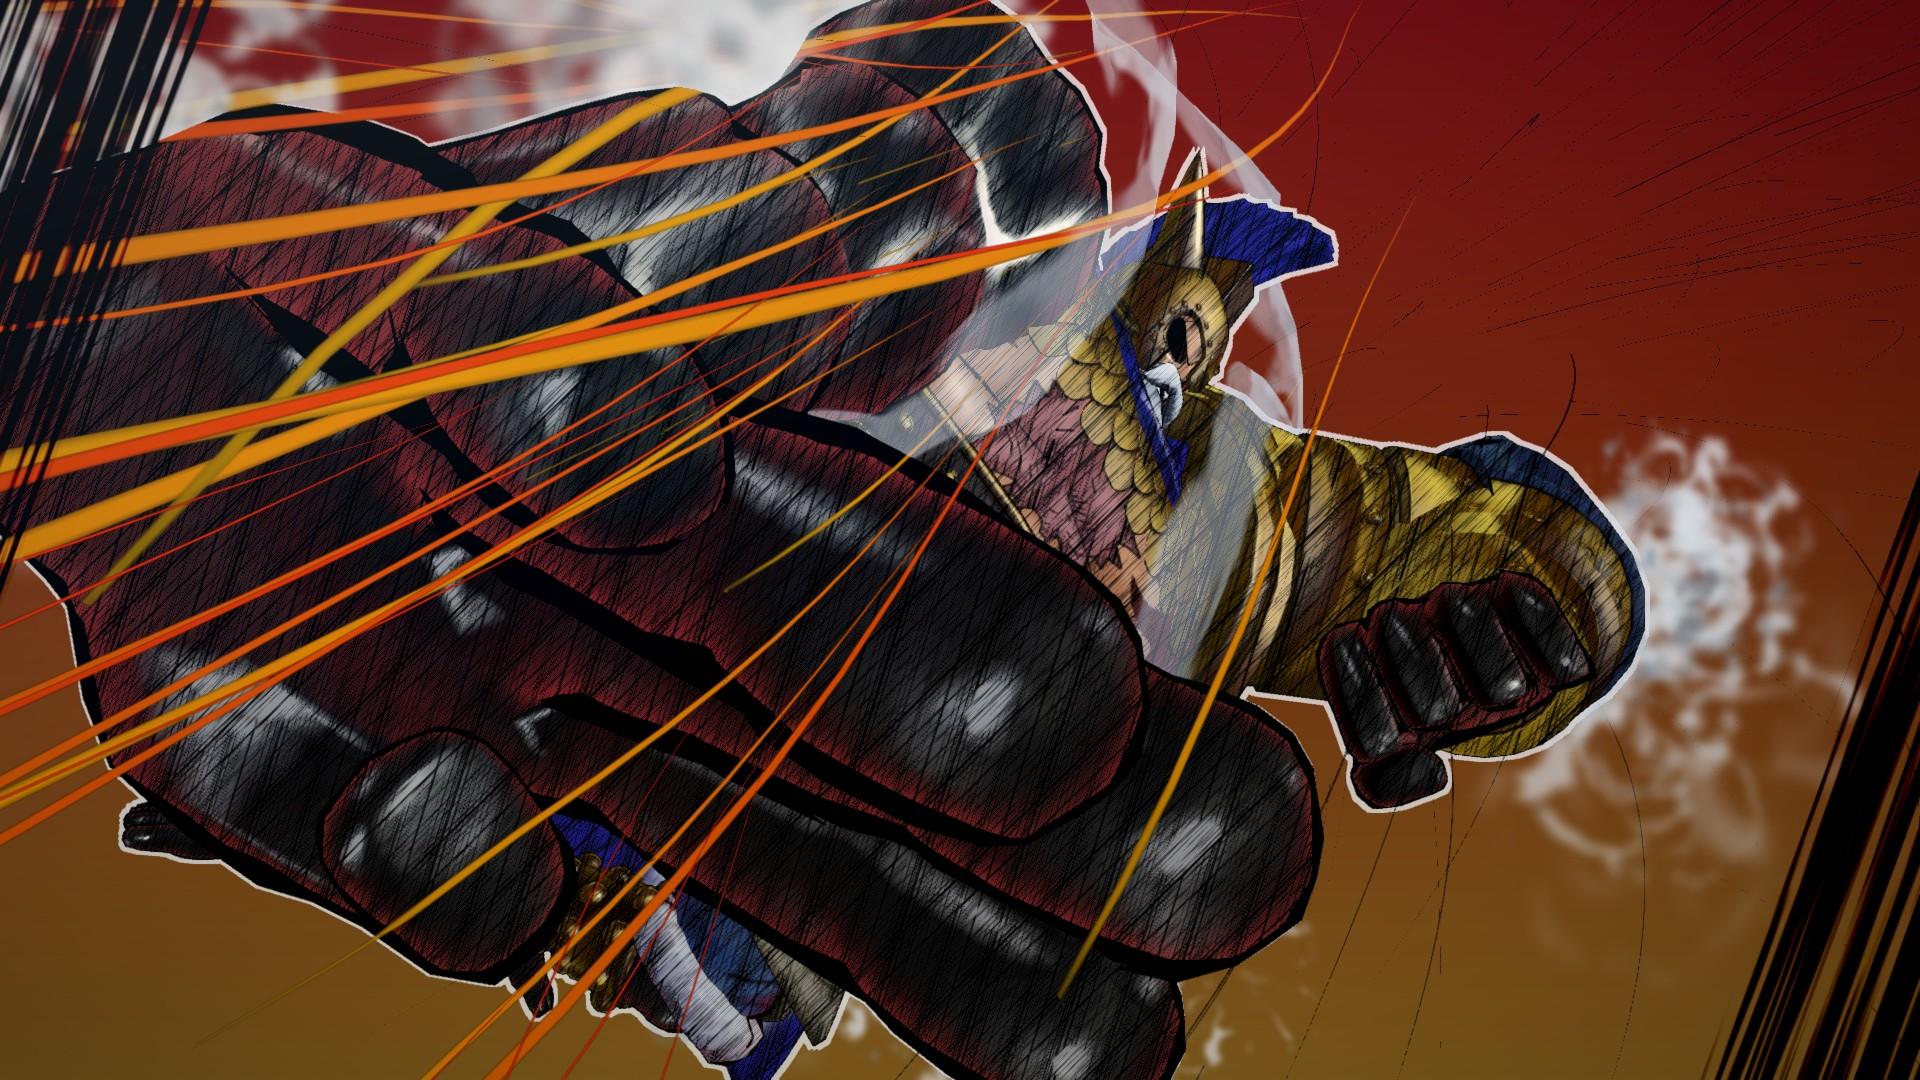 Bonusy za předobjednávku digitálních kopií One Piece: Burning Blood 122775